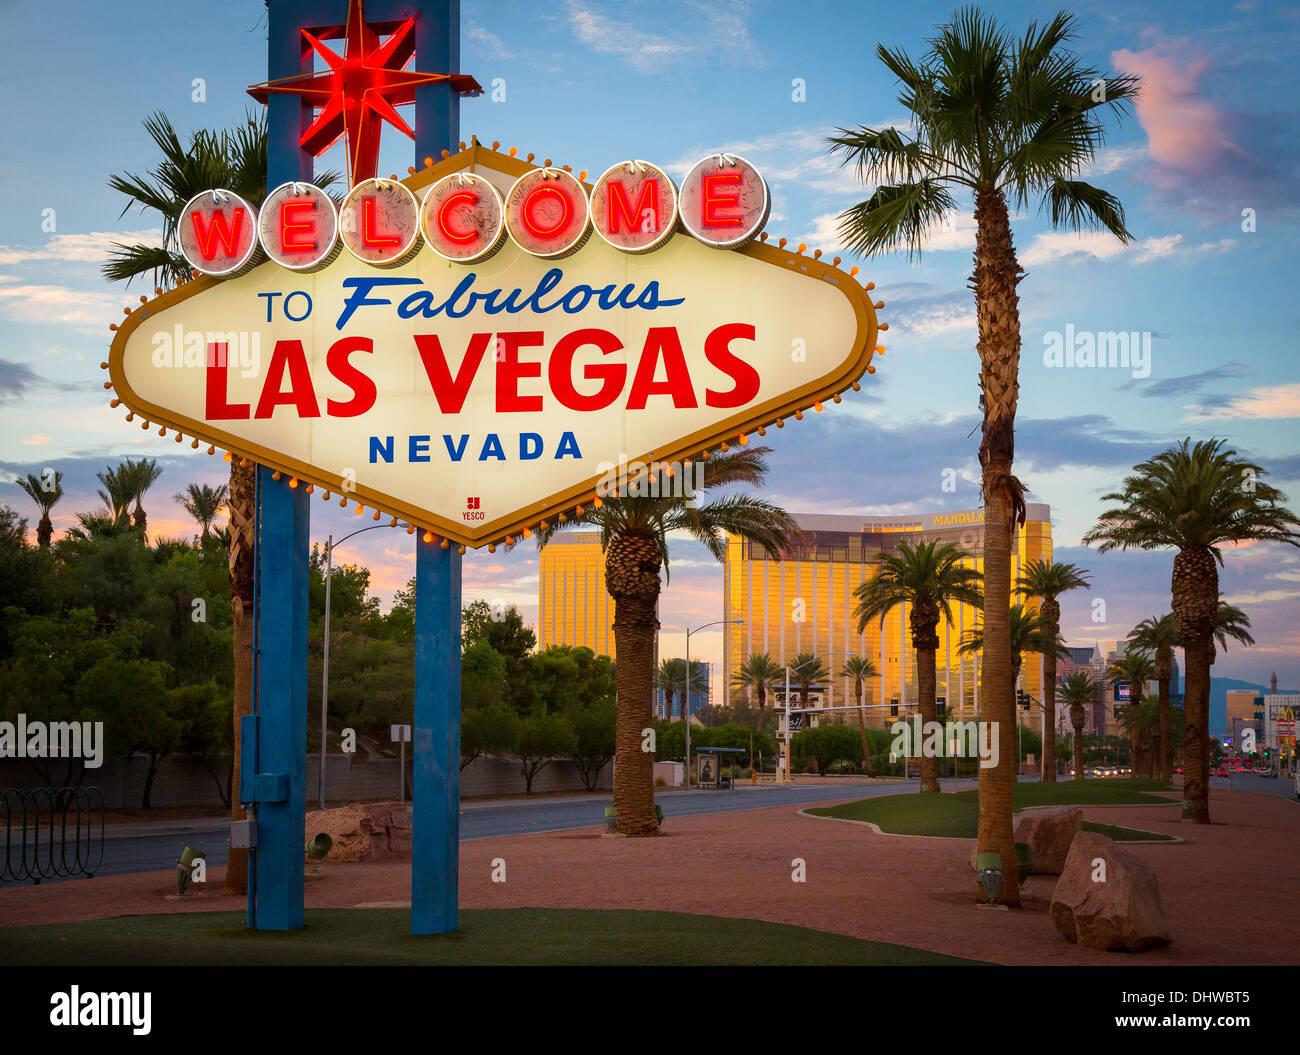 Cartel de bienvenida a Las Vegas, Nevada Foto de stock